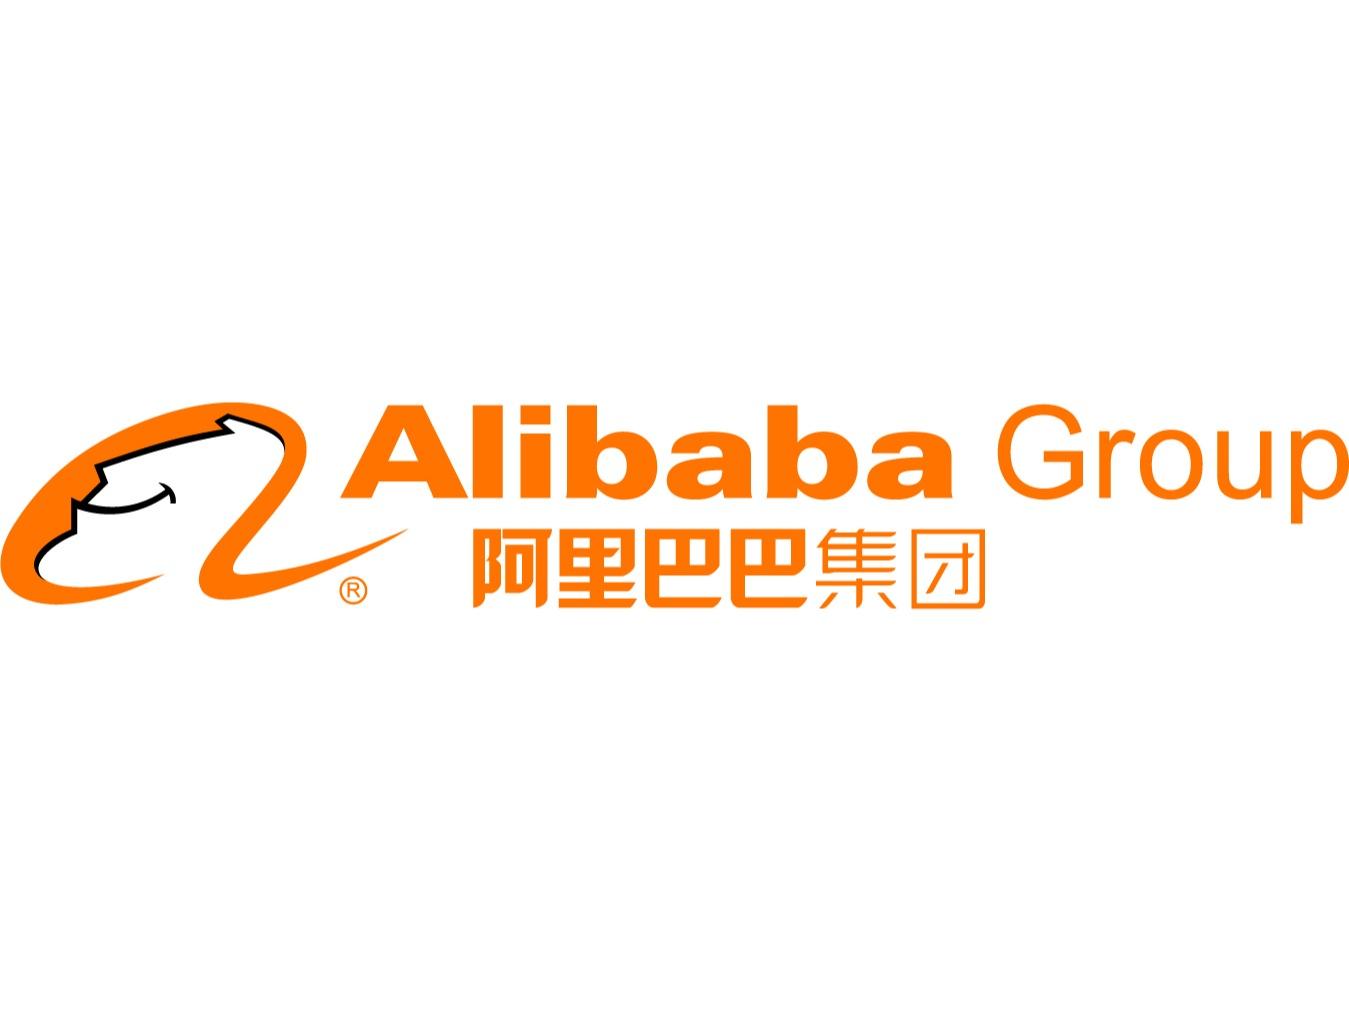 alibabba